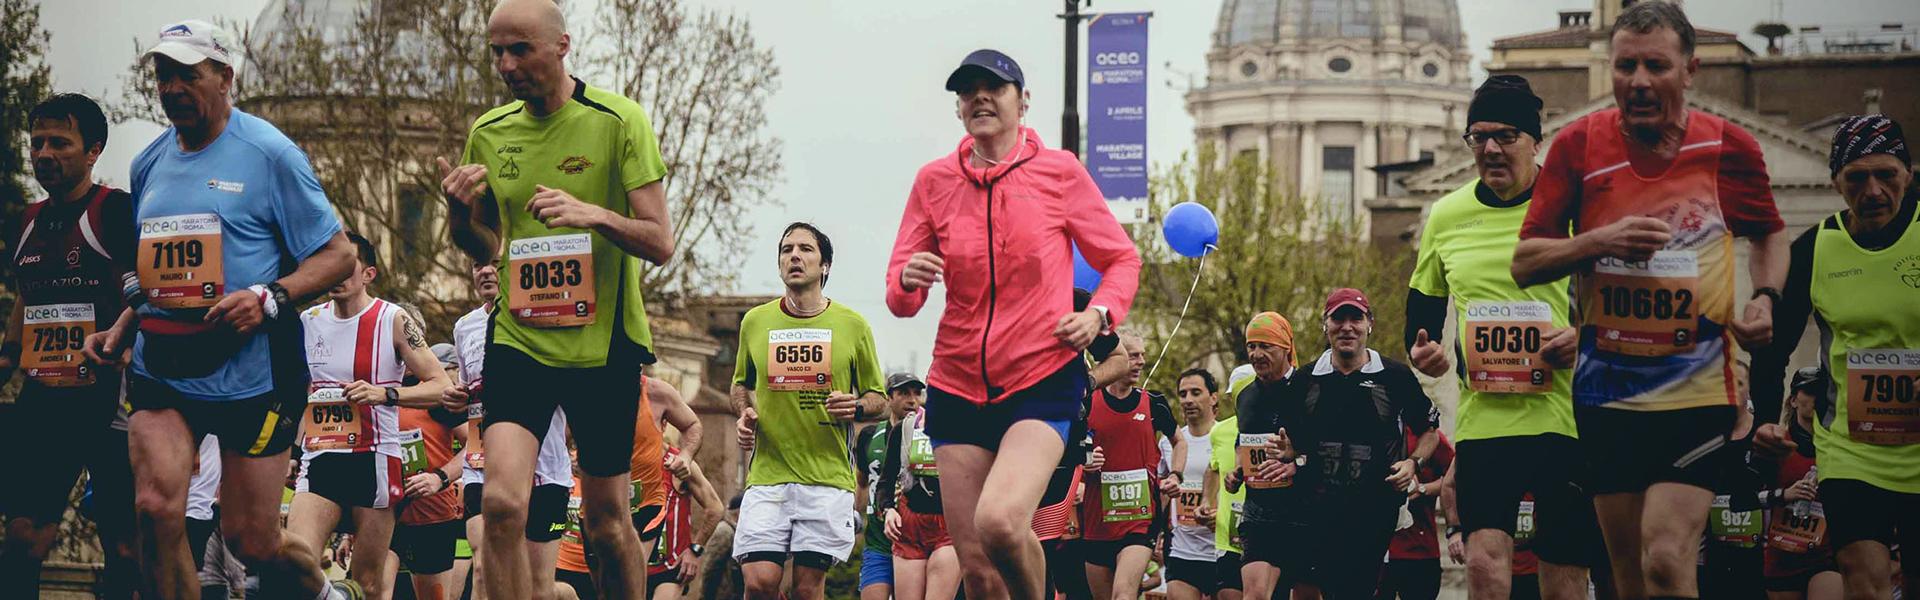 Nutrizione, psicologia e fisioterapia: Acea Run Rome The Marathon senza segreti